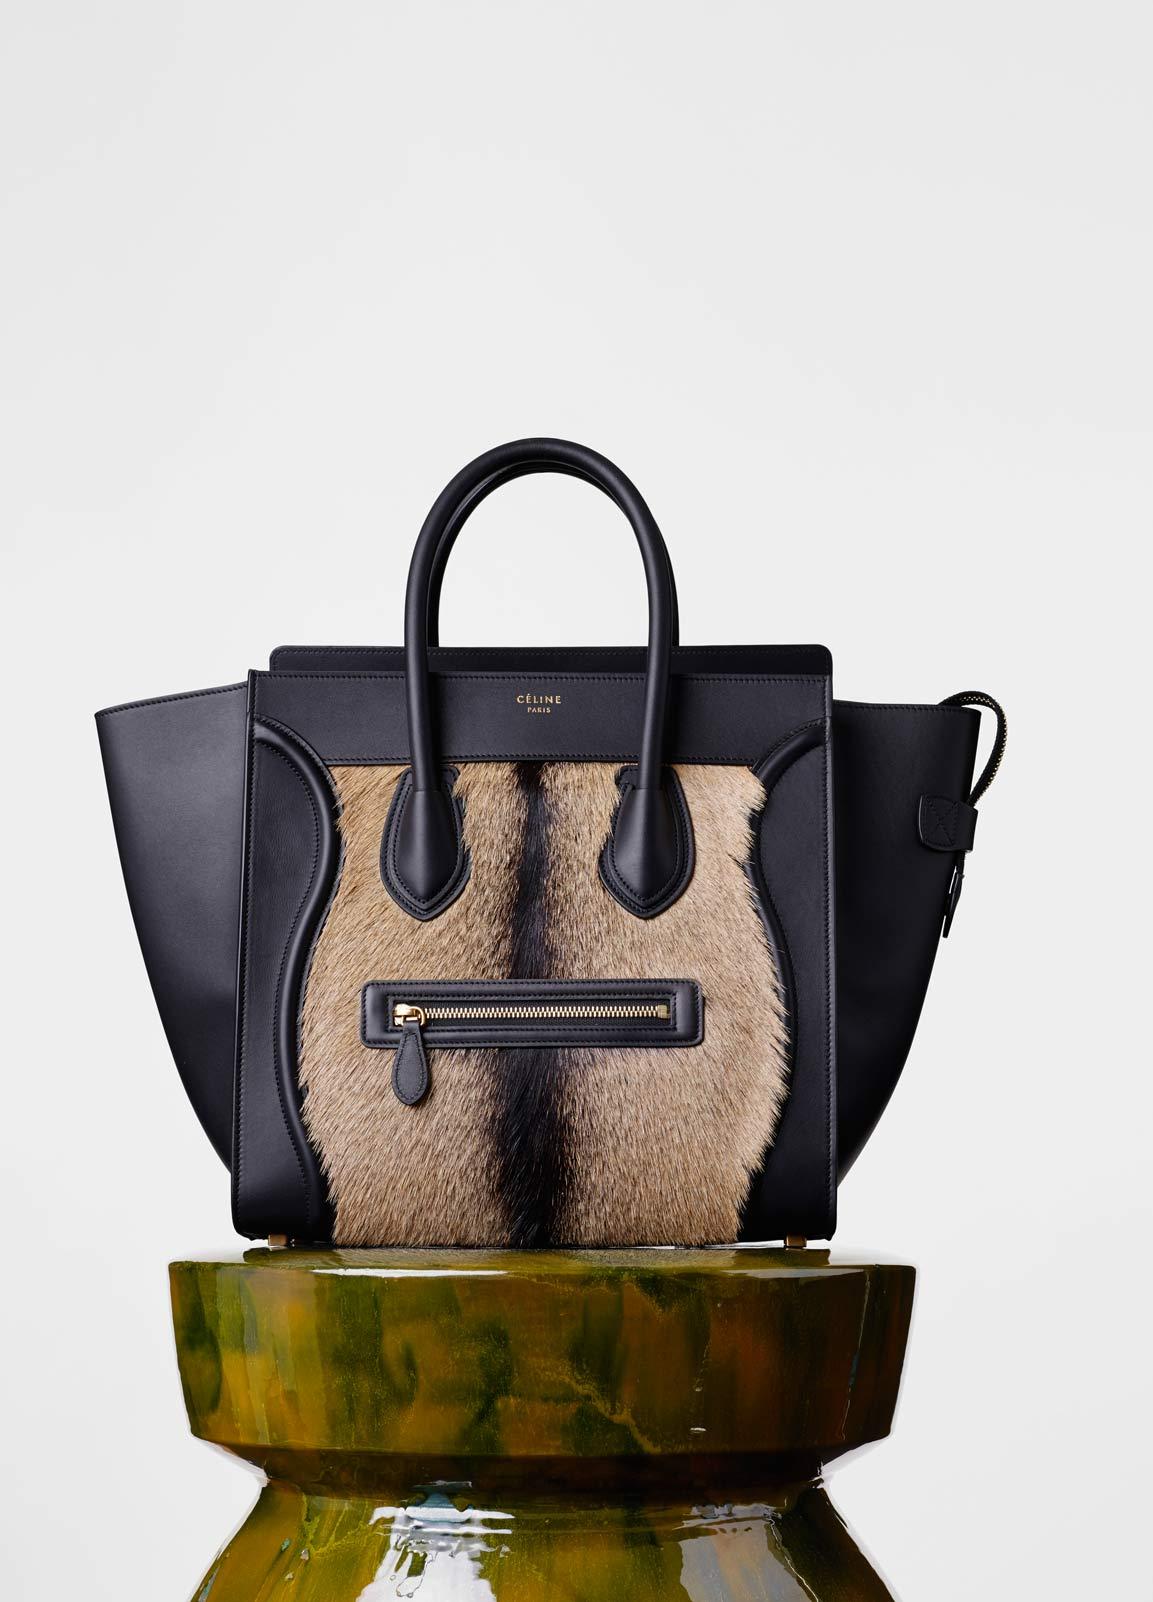 celine luggage shop online - Celine 2015 Fall \u0026amp; Winter Bag Collection | Lollipuff